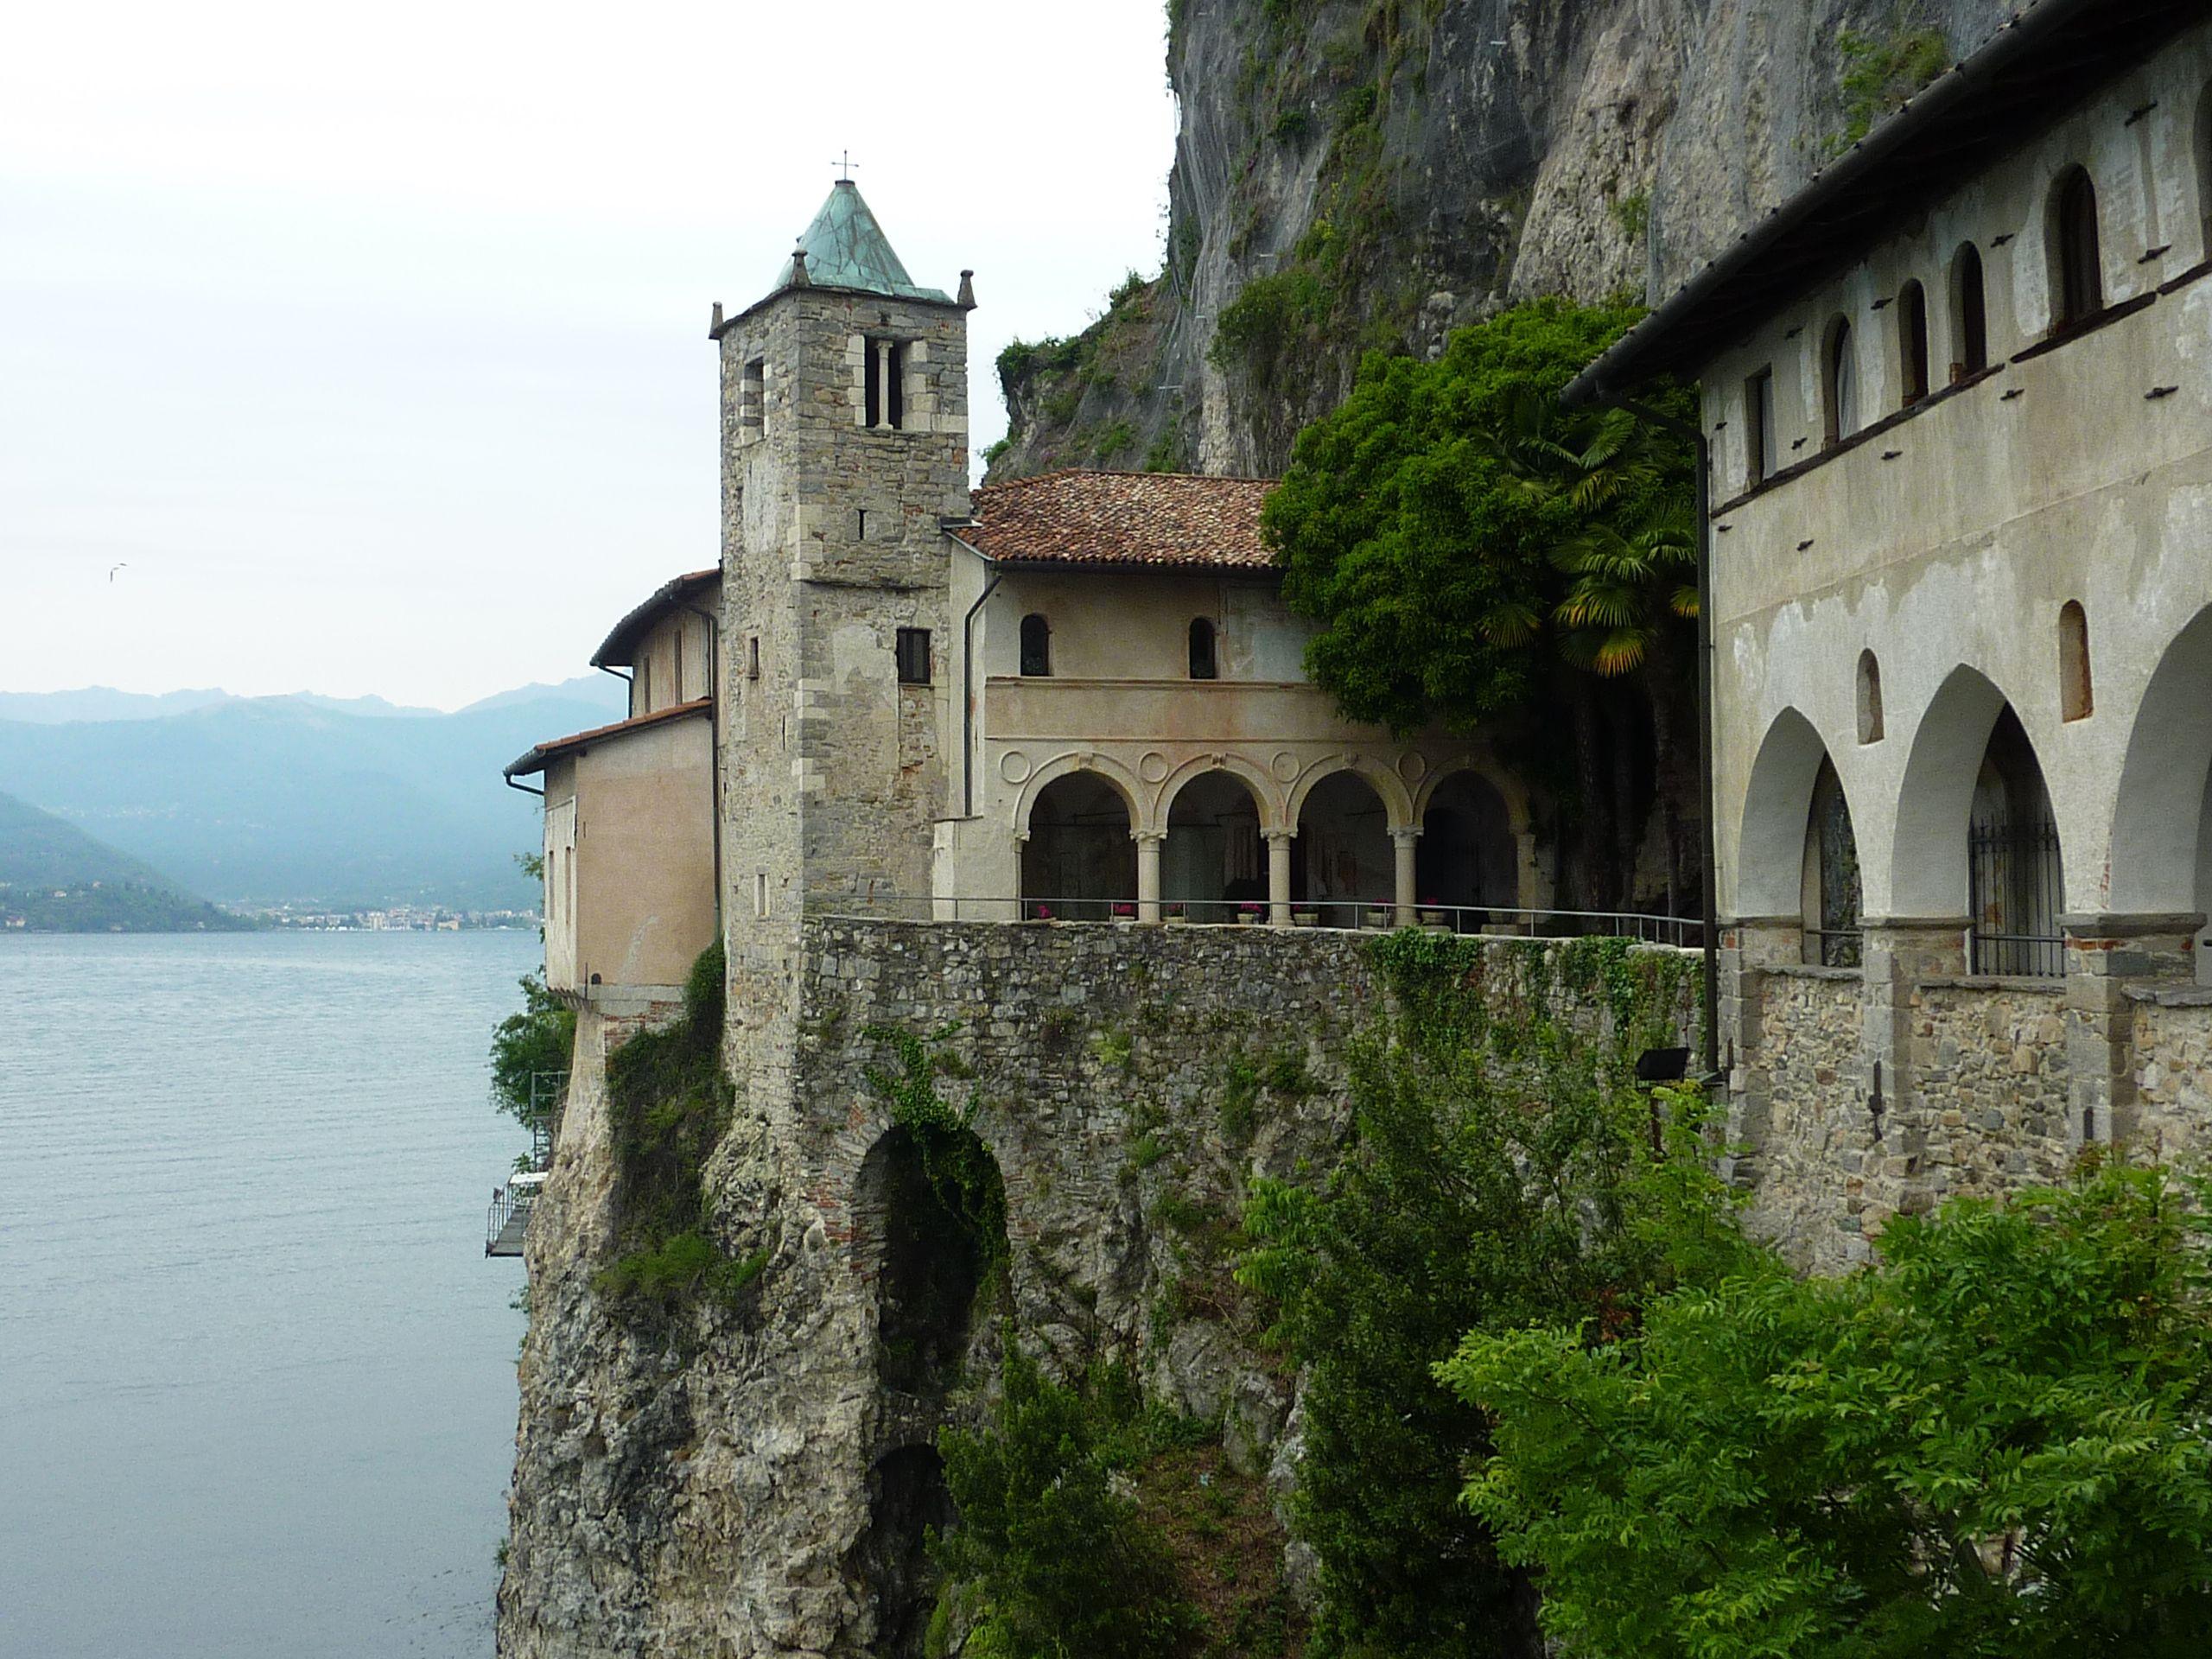 S. Caterina del Sasso - Lac Majeur